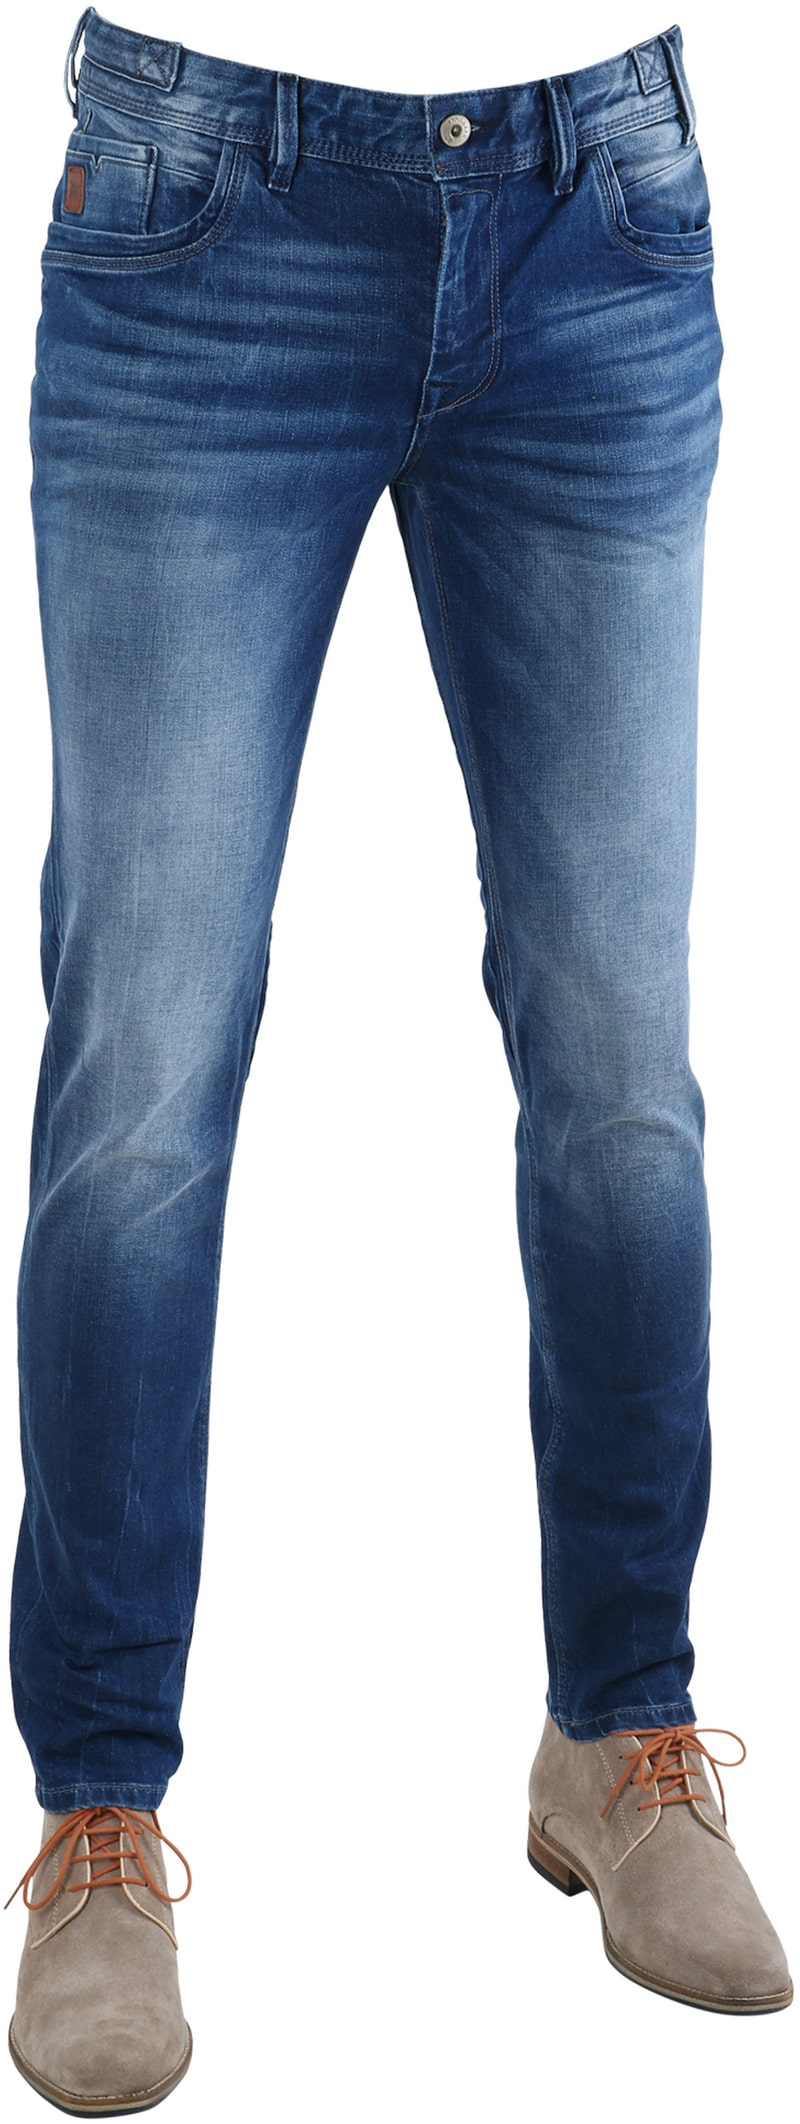 Detail Vanguard V8 Racer Jeans Blauw